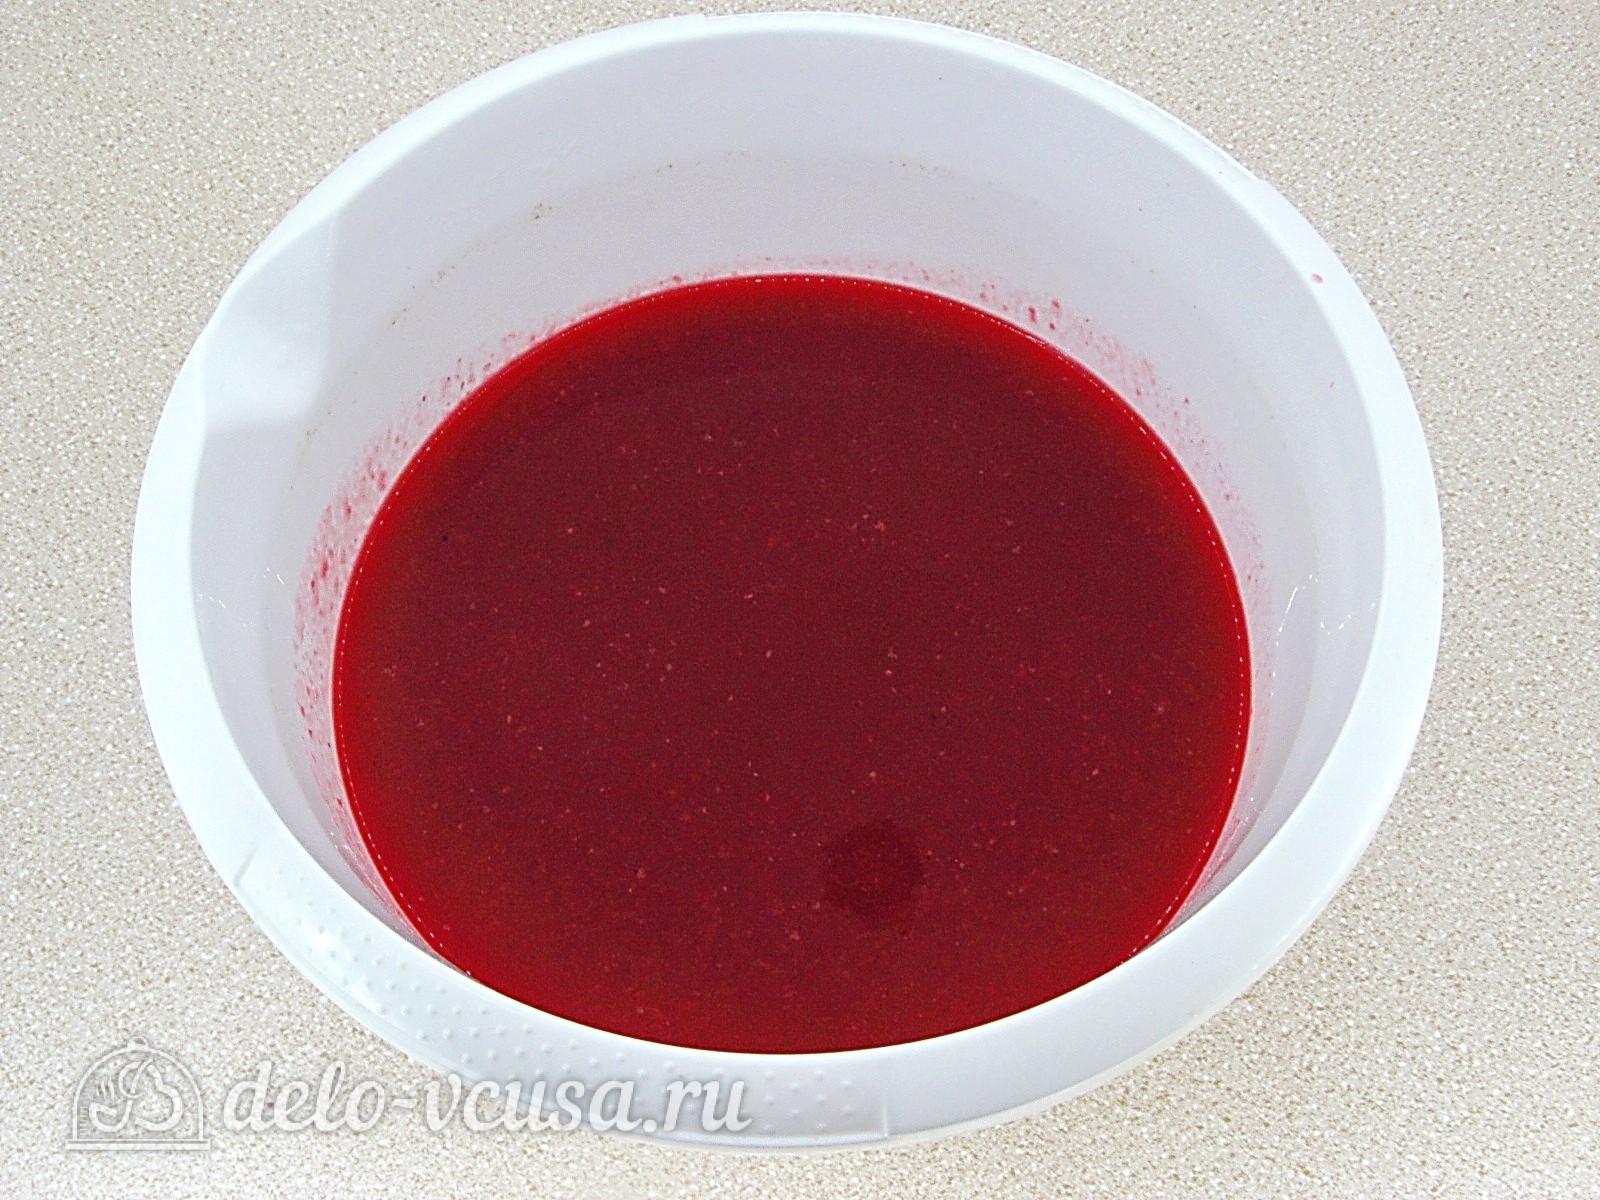 Повидло из красной смородины: Протереть ягоды